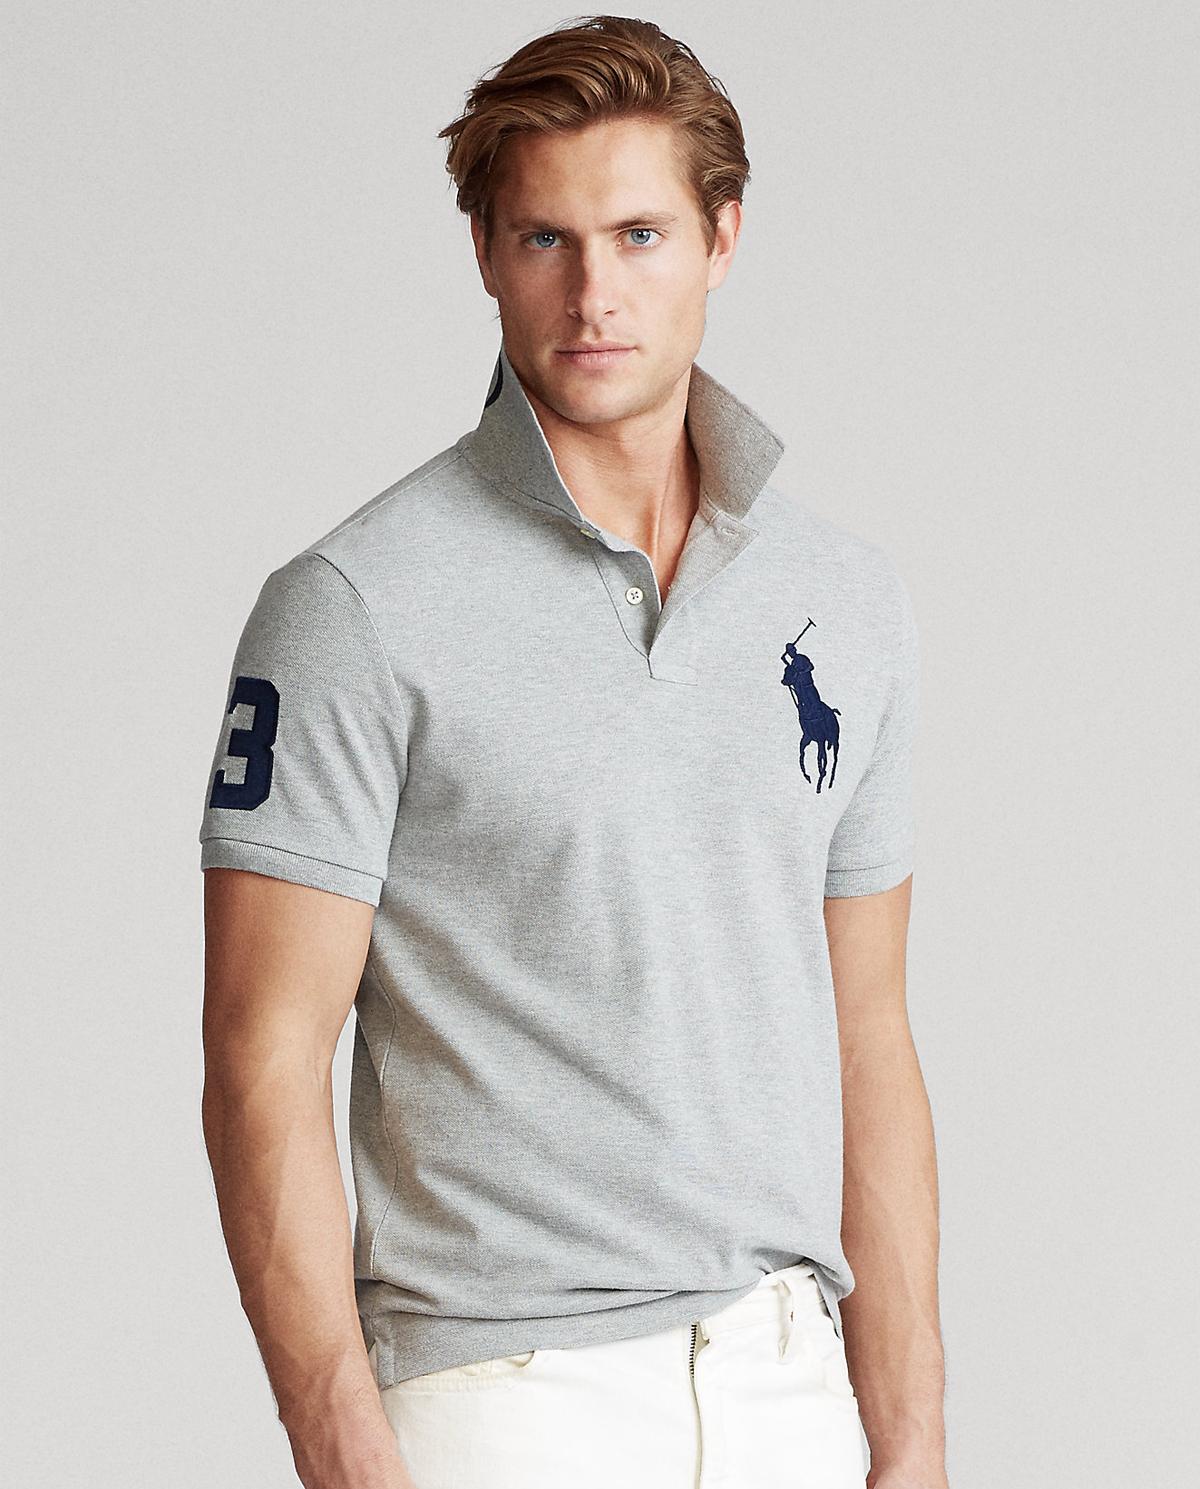 Męska koszulka polo Slim Fit Mesh 710781433004